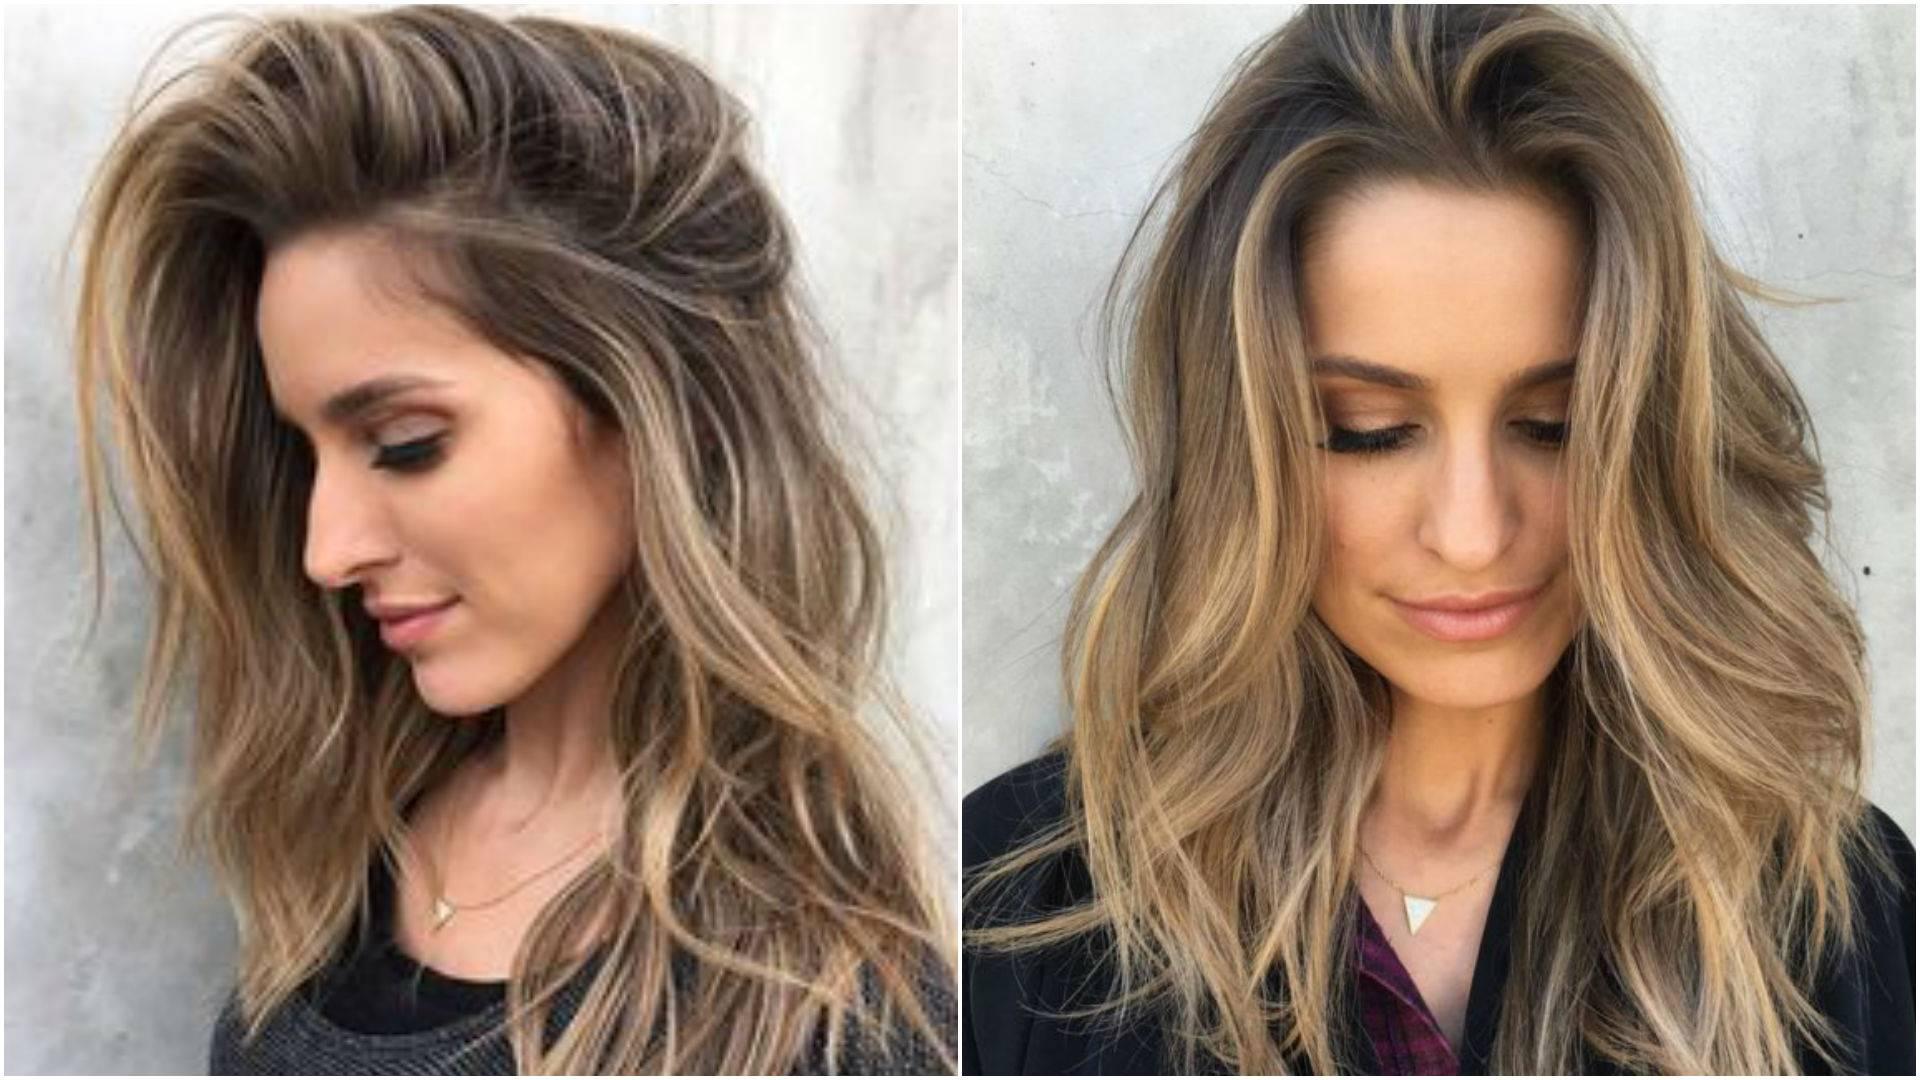 Окрашивание шатуш на темные волосы ― особенности итальянского мелирования